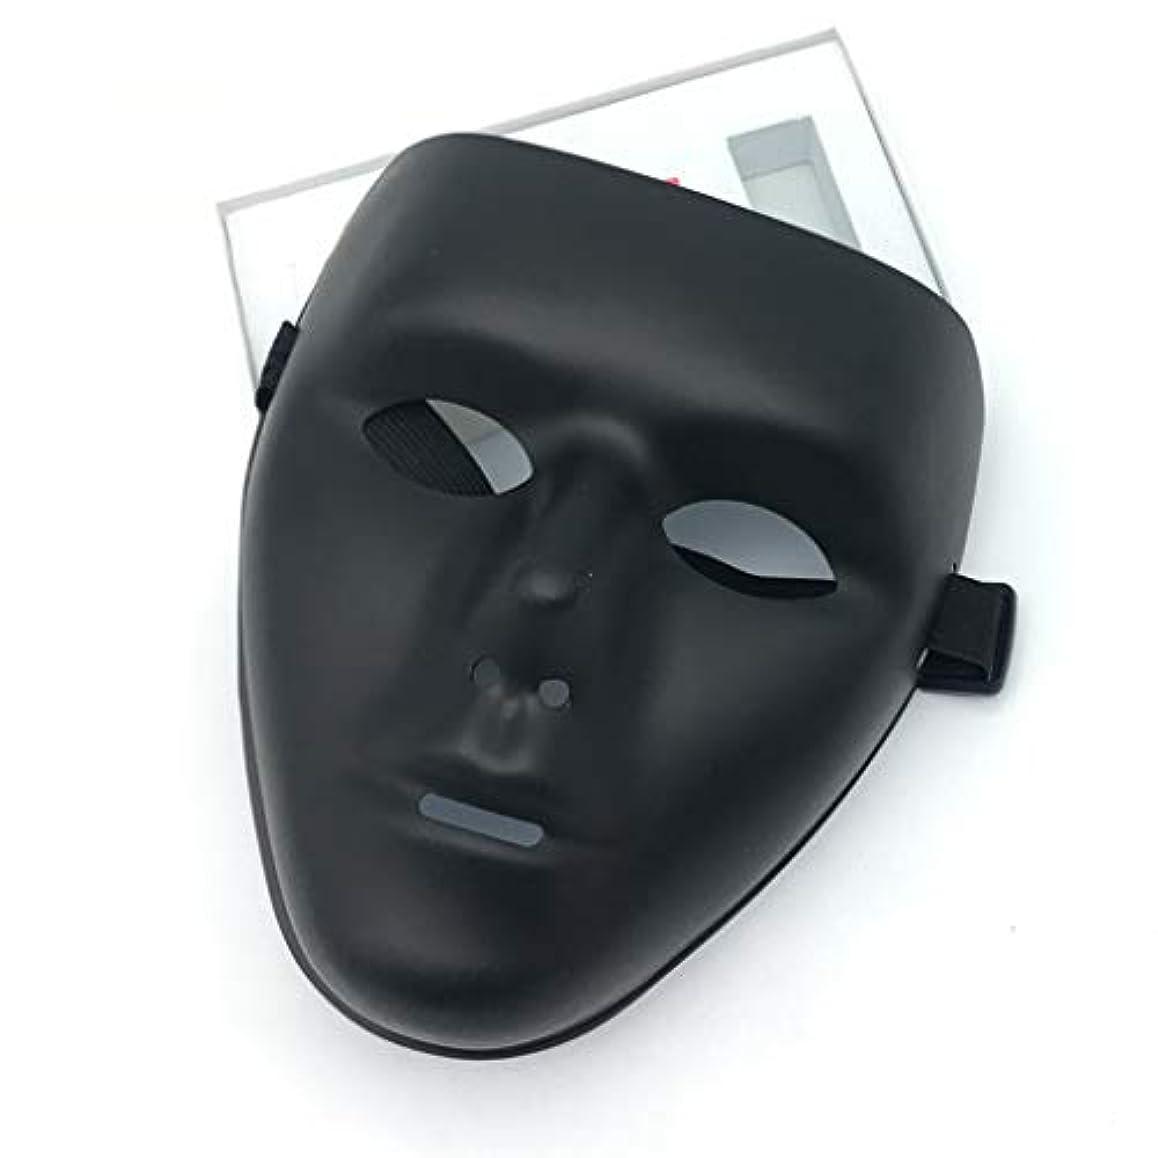 ストレッチ離すスピリチュアルハロウィンマスクフルフェイスストリートダンス振動マスク仮装変なマスクダンスマスク